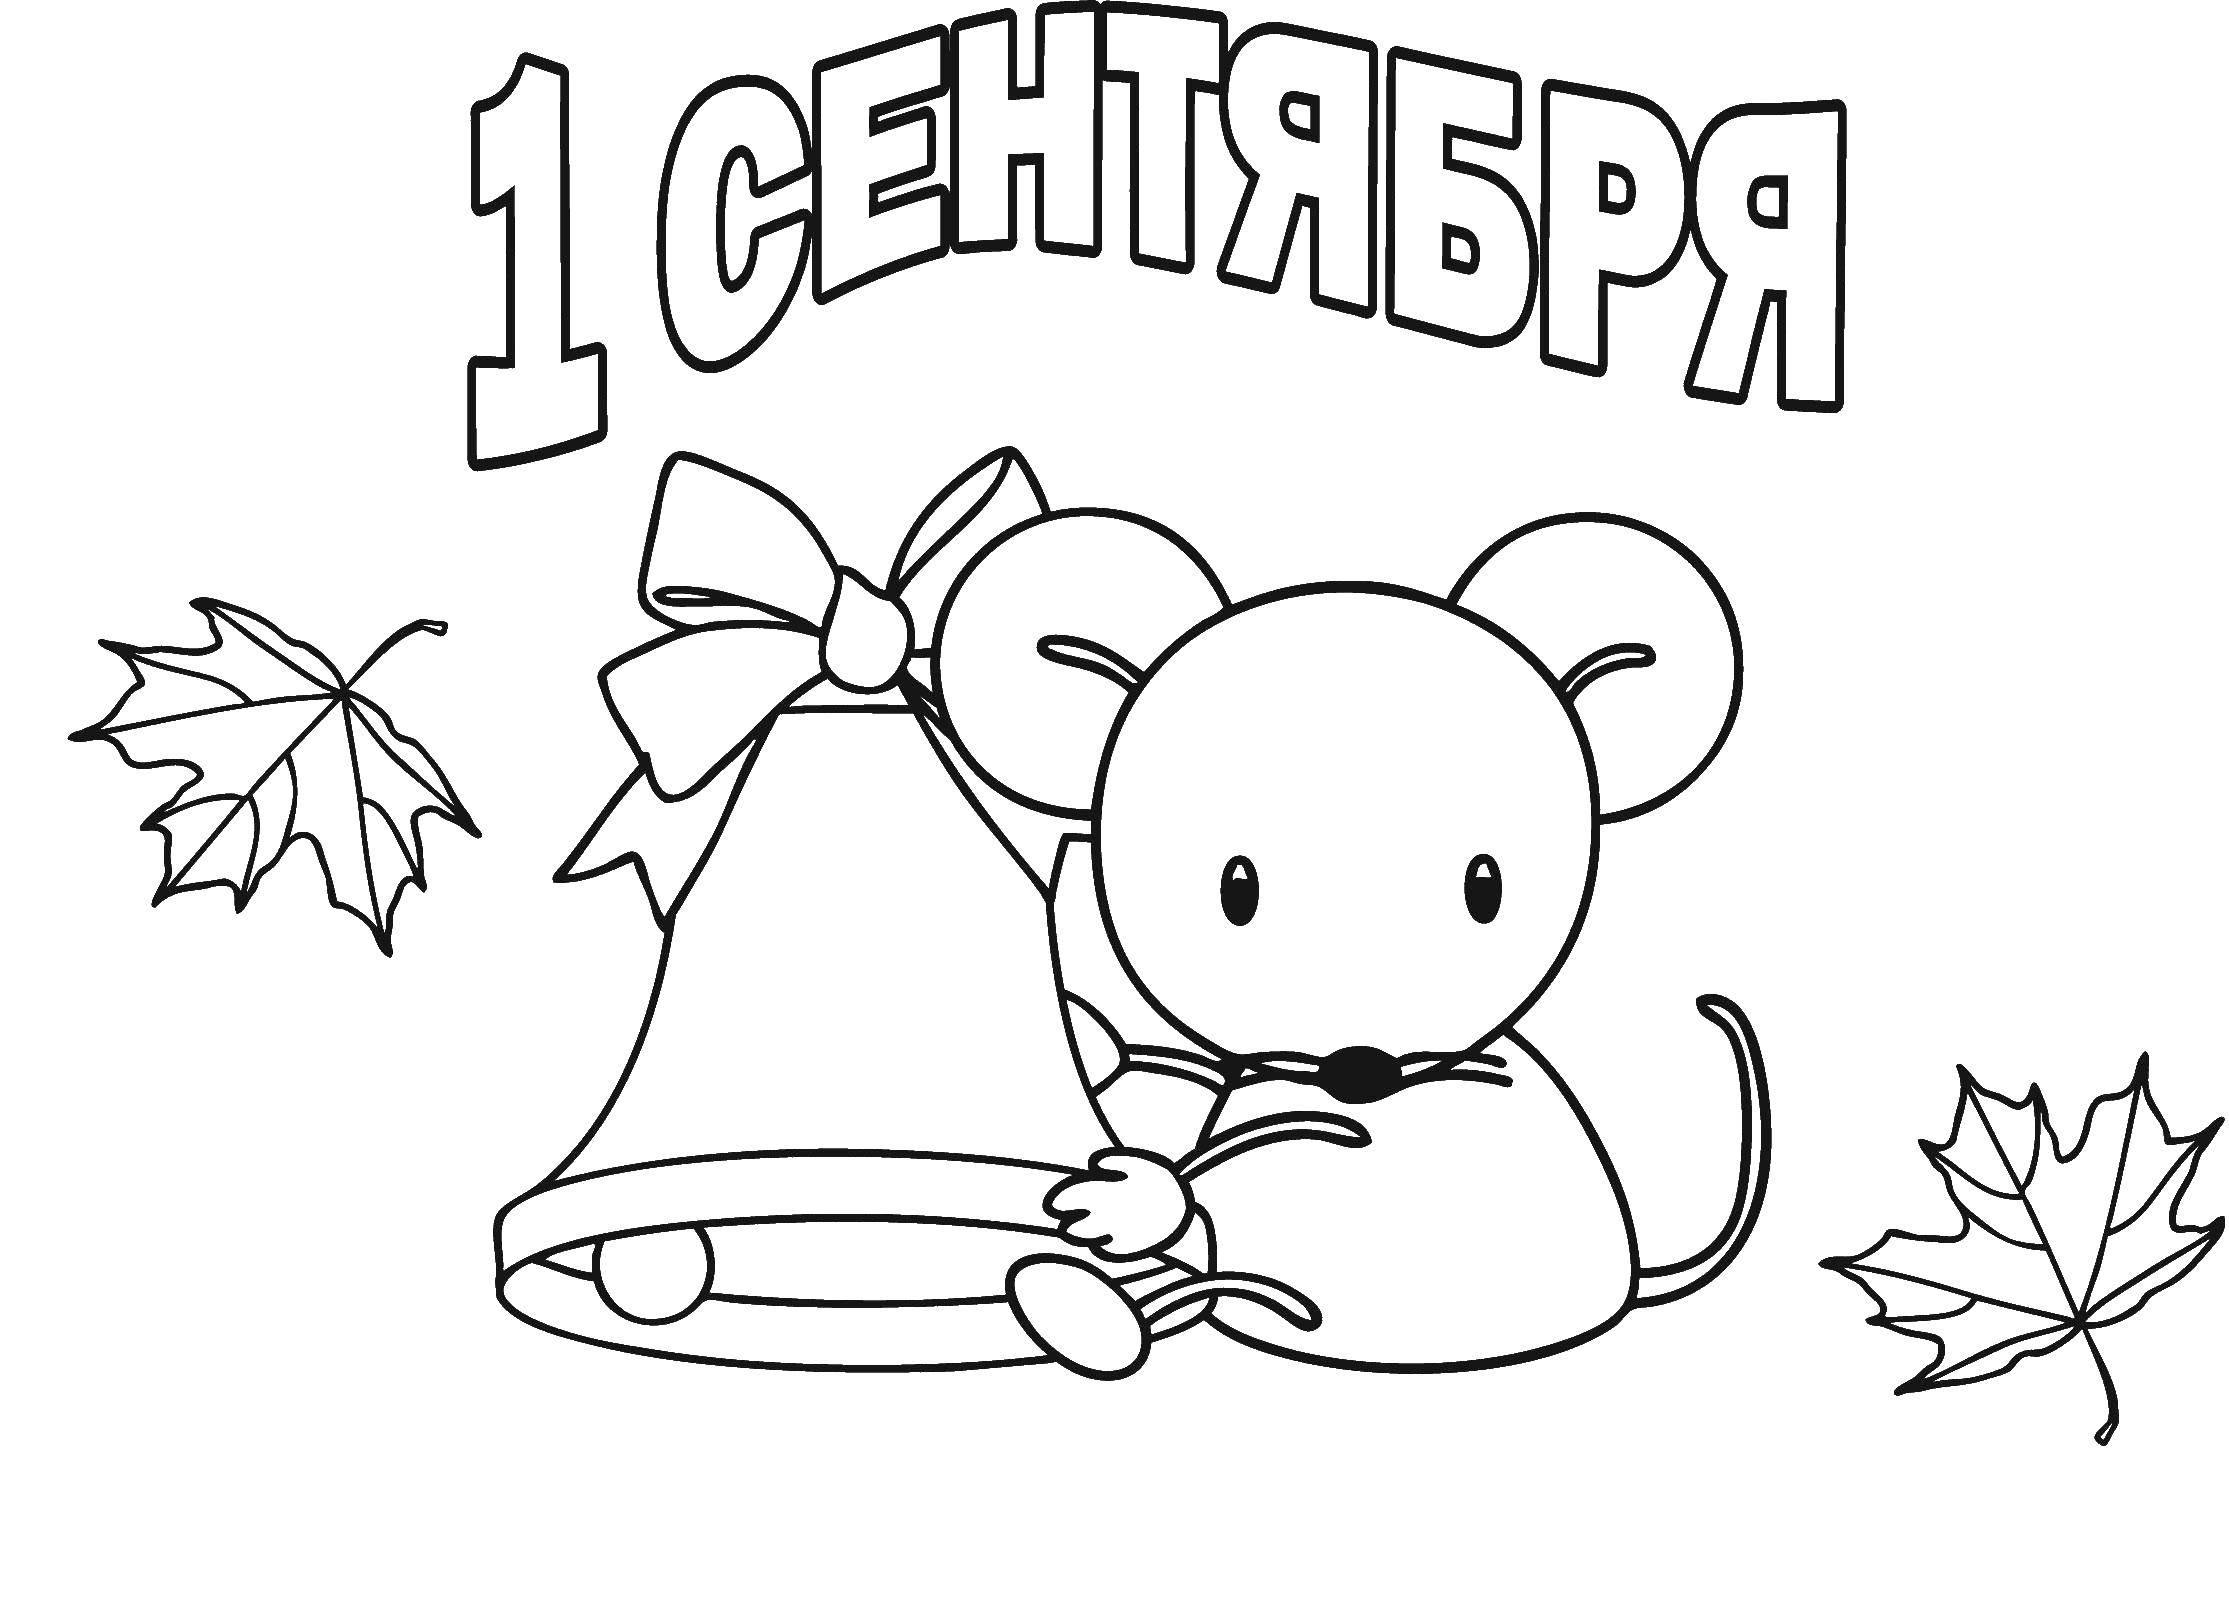 Раскраска Мышка сидит с колокольчиком открытка на первое сентября Скачать колокольчик, мышка, открытка.  Распечатать ,первое сентября,